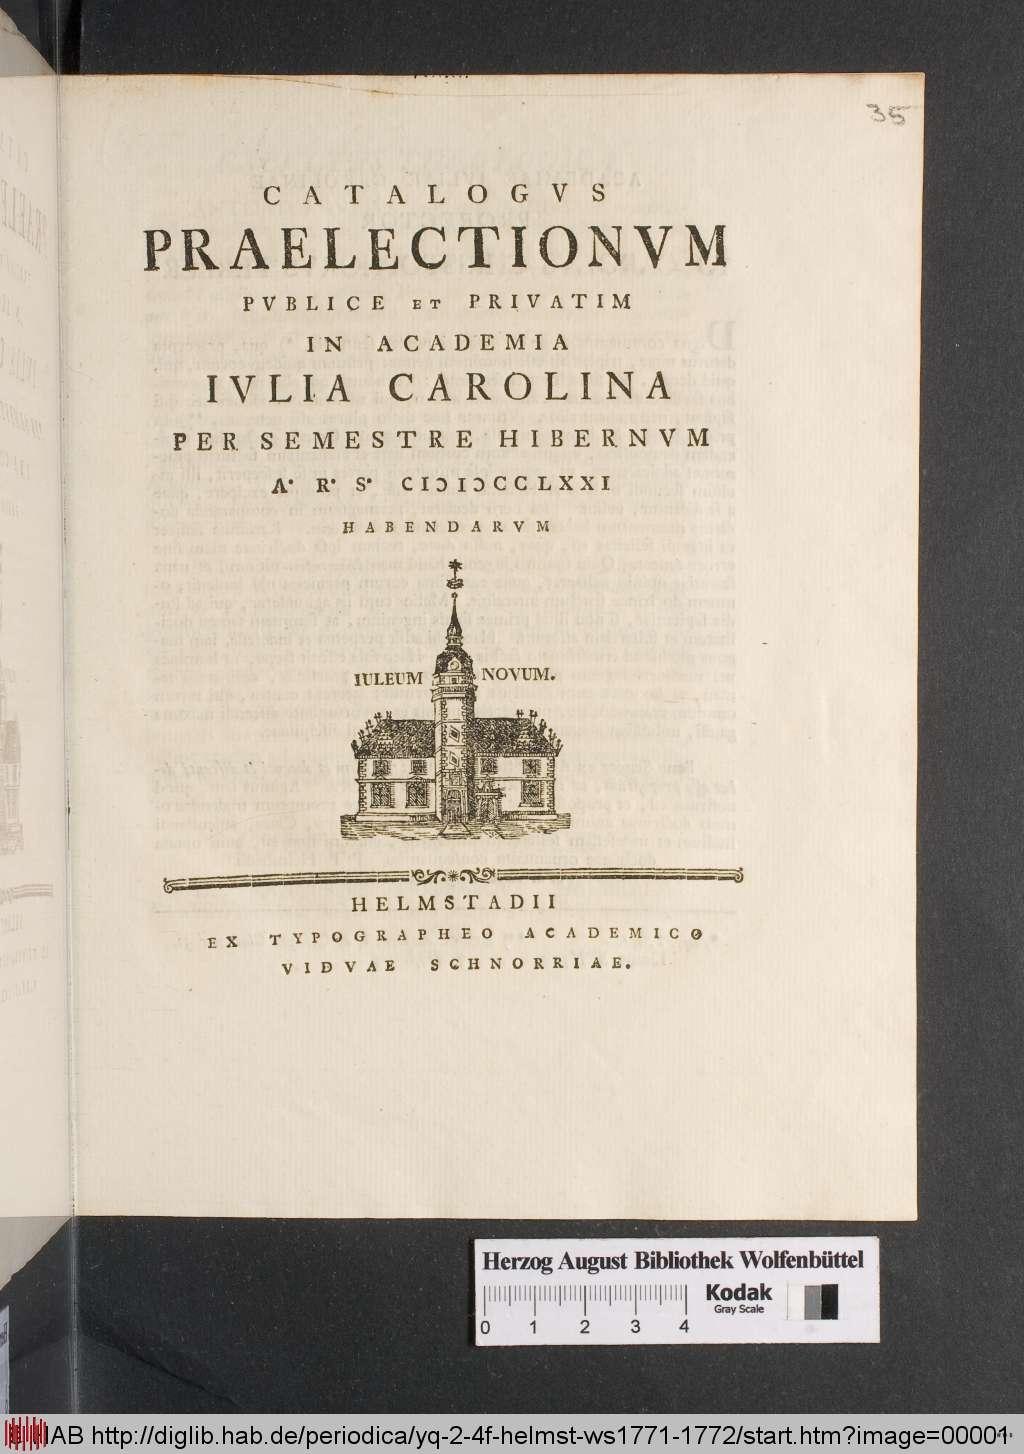 http://diglib.hab.de/periodica/yq-2-4f-helmst-ws1771-1772/00001.jpg